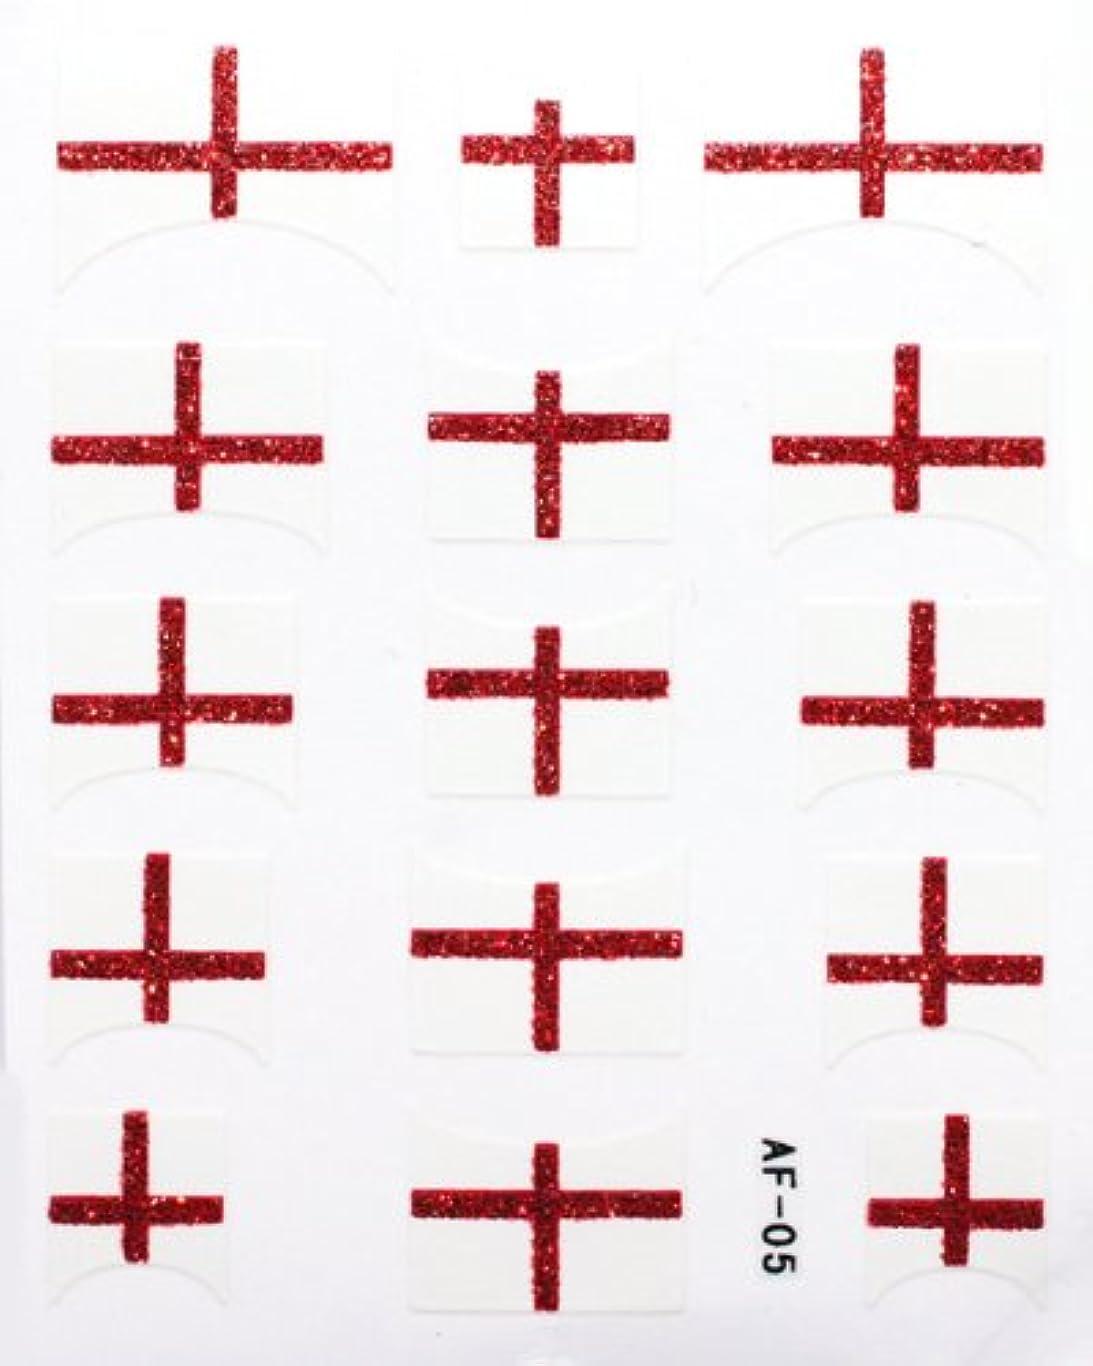 ベアリングサークル引き受ける印象的きらきら逆フレンチネイルシール イングランド国旗 AF05 貼るだけ ジェルネイルアート